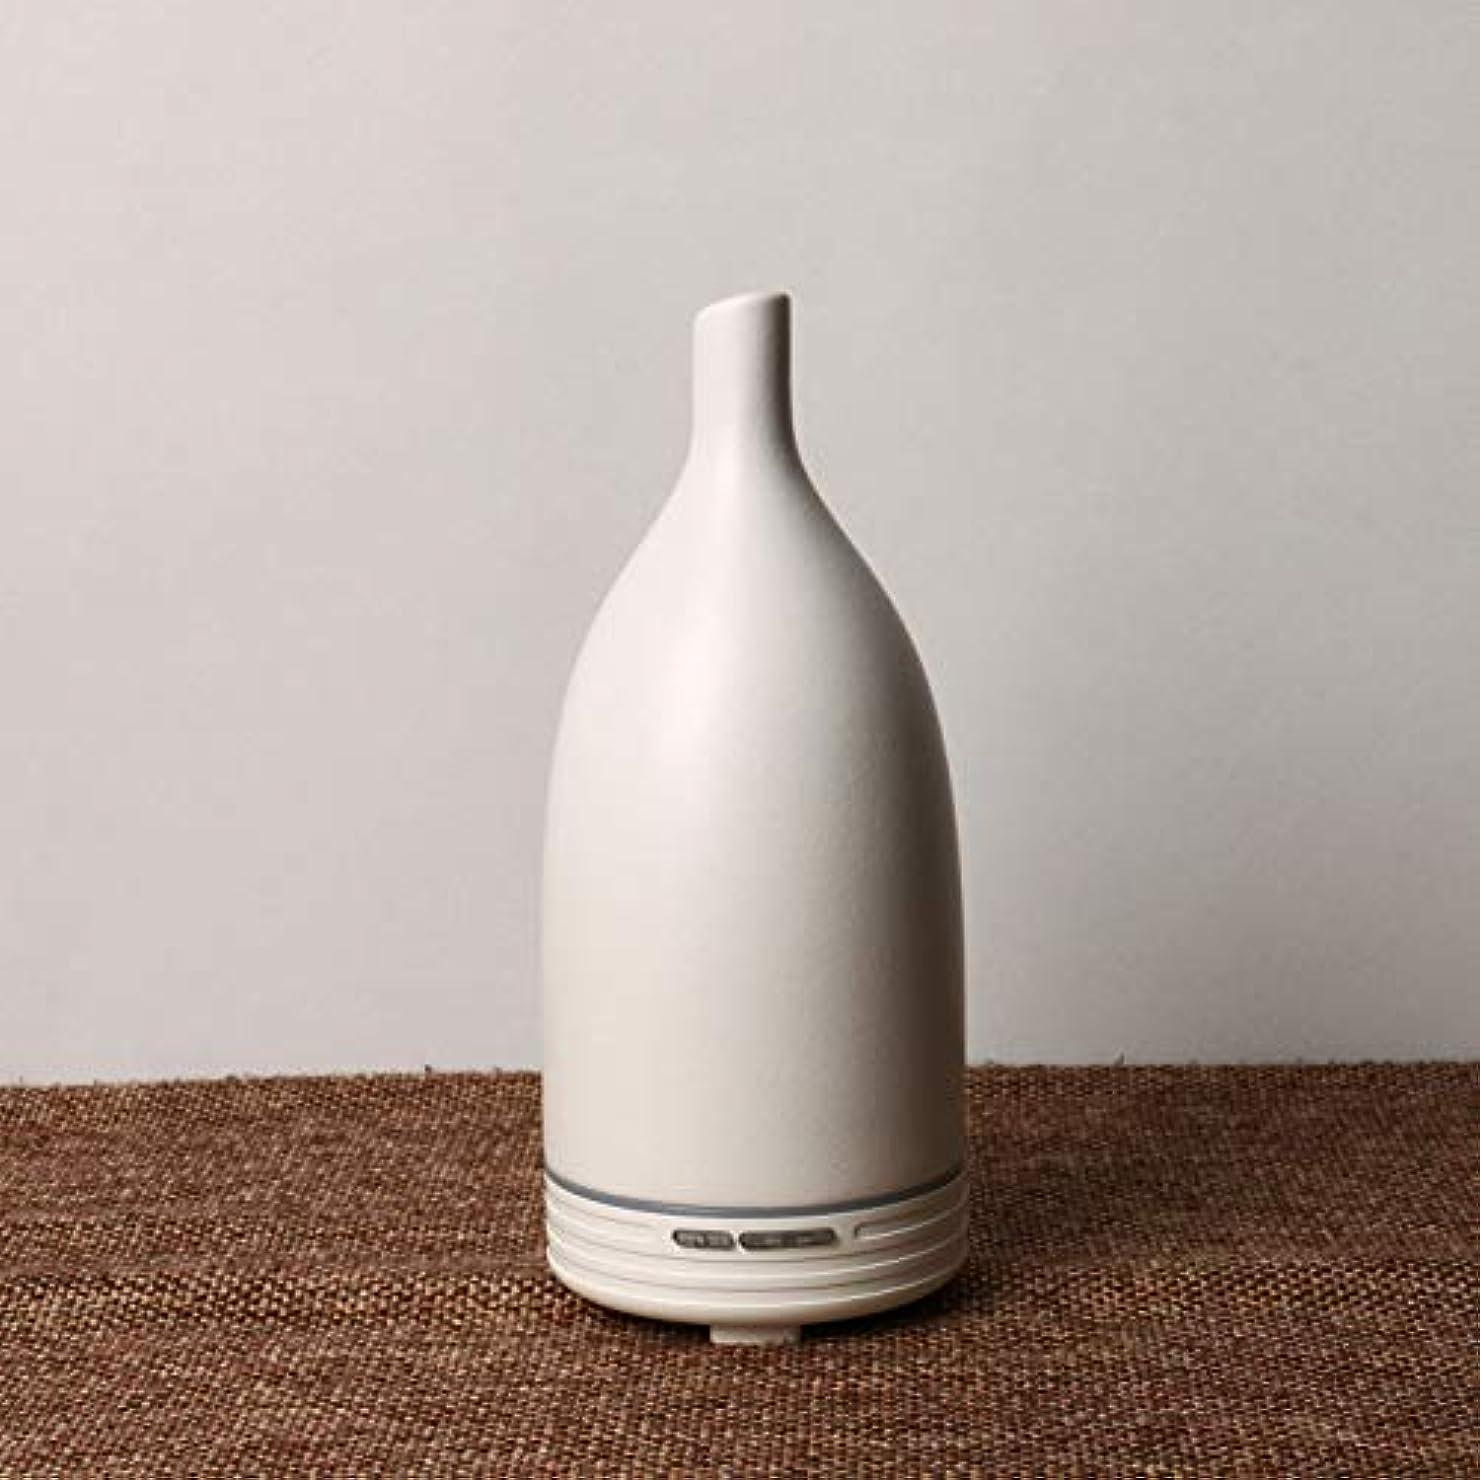 ポルトガル語項目アークアロマディスペンサー精油加湿器陶磁器の材質は家庭の事務用に適しています。 (ホワイト)